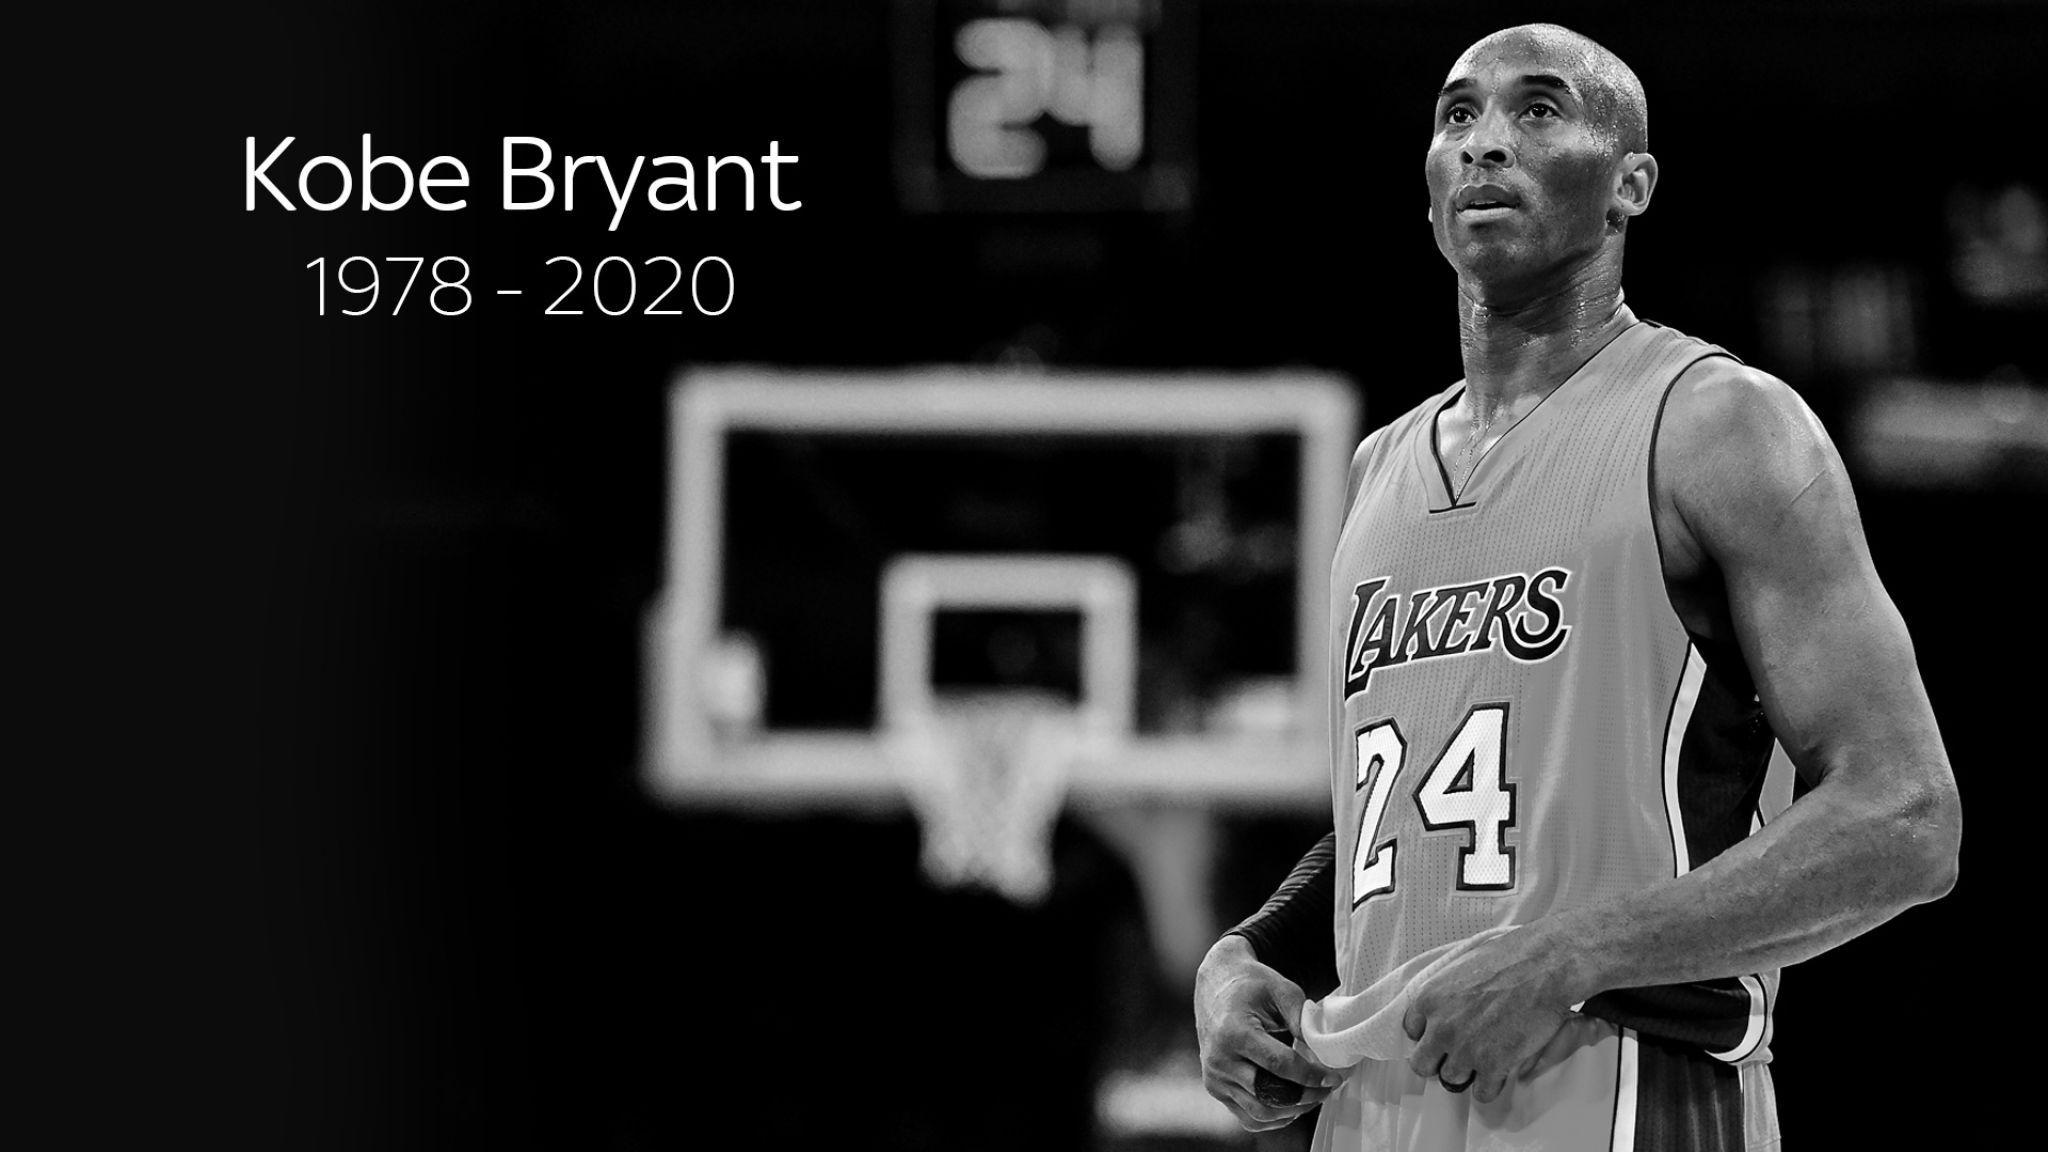 Kobe Bryant 1978 2020   Kobe Bryant 1978 2020   2048x1152 2048x1152